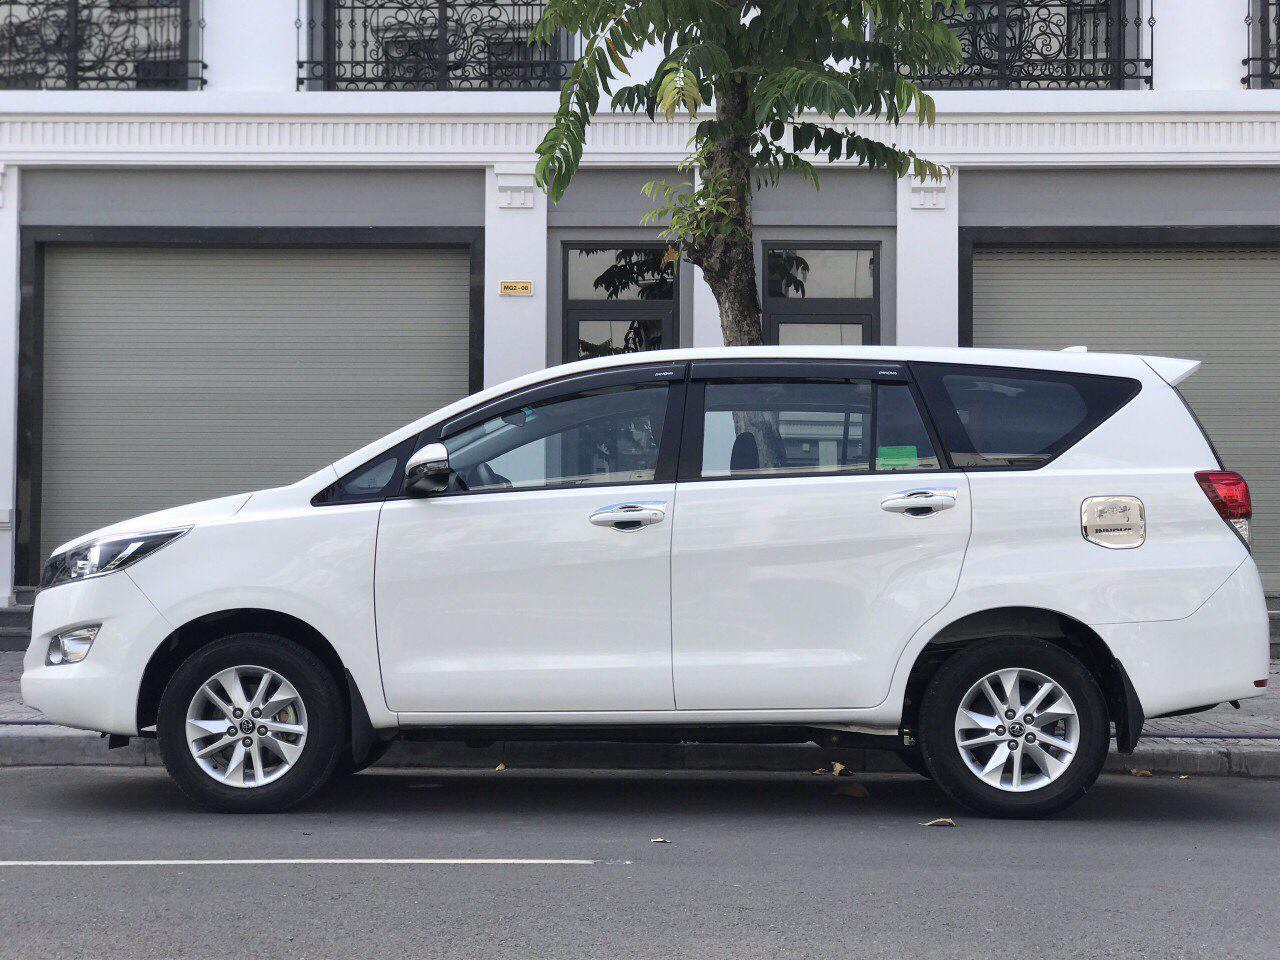 Dịch vụ thuê xe 7 chỗ tại quận 9 của công ty Huy Đạt